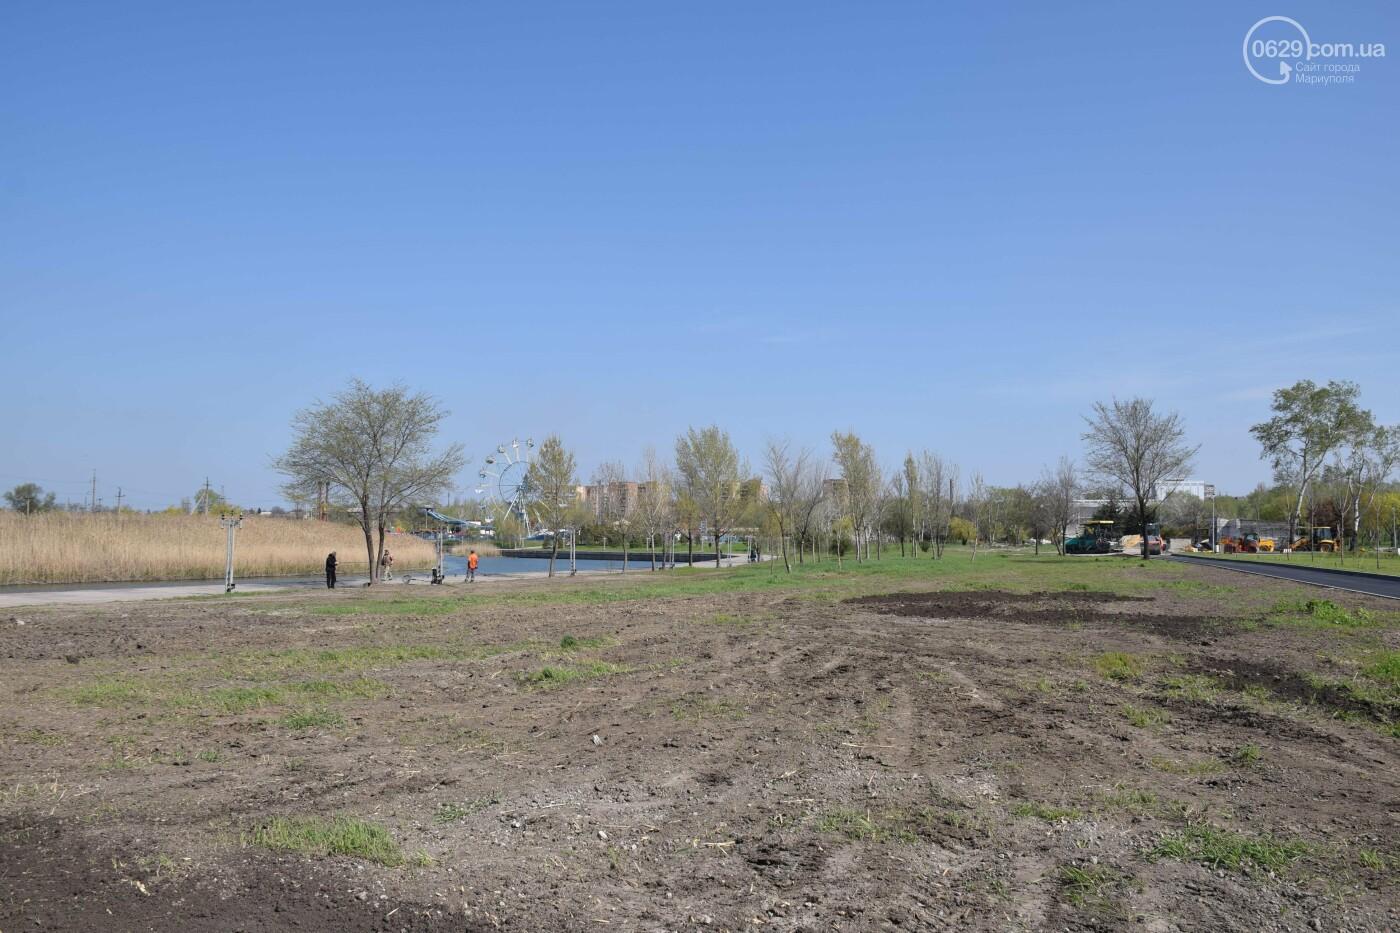 Барбекю на солнцепеке! Сколько стоит отдых в парке Гурова, - ФОТОРЕПОРТАЖ, фото-8